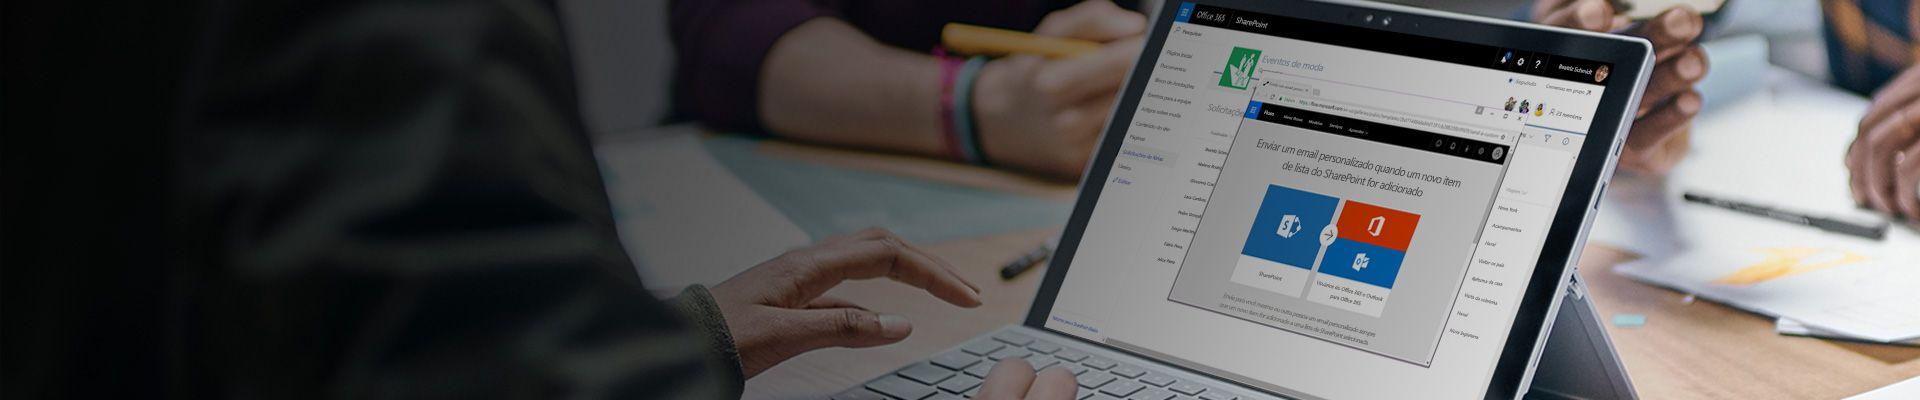 Flow e SharePoint em execução em um laptop